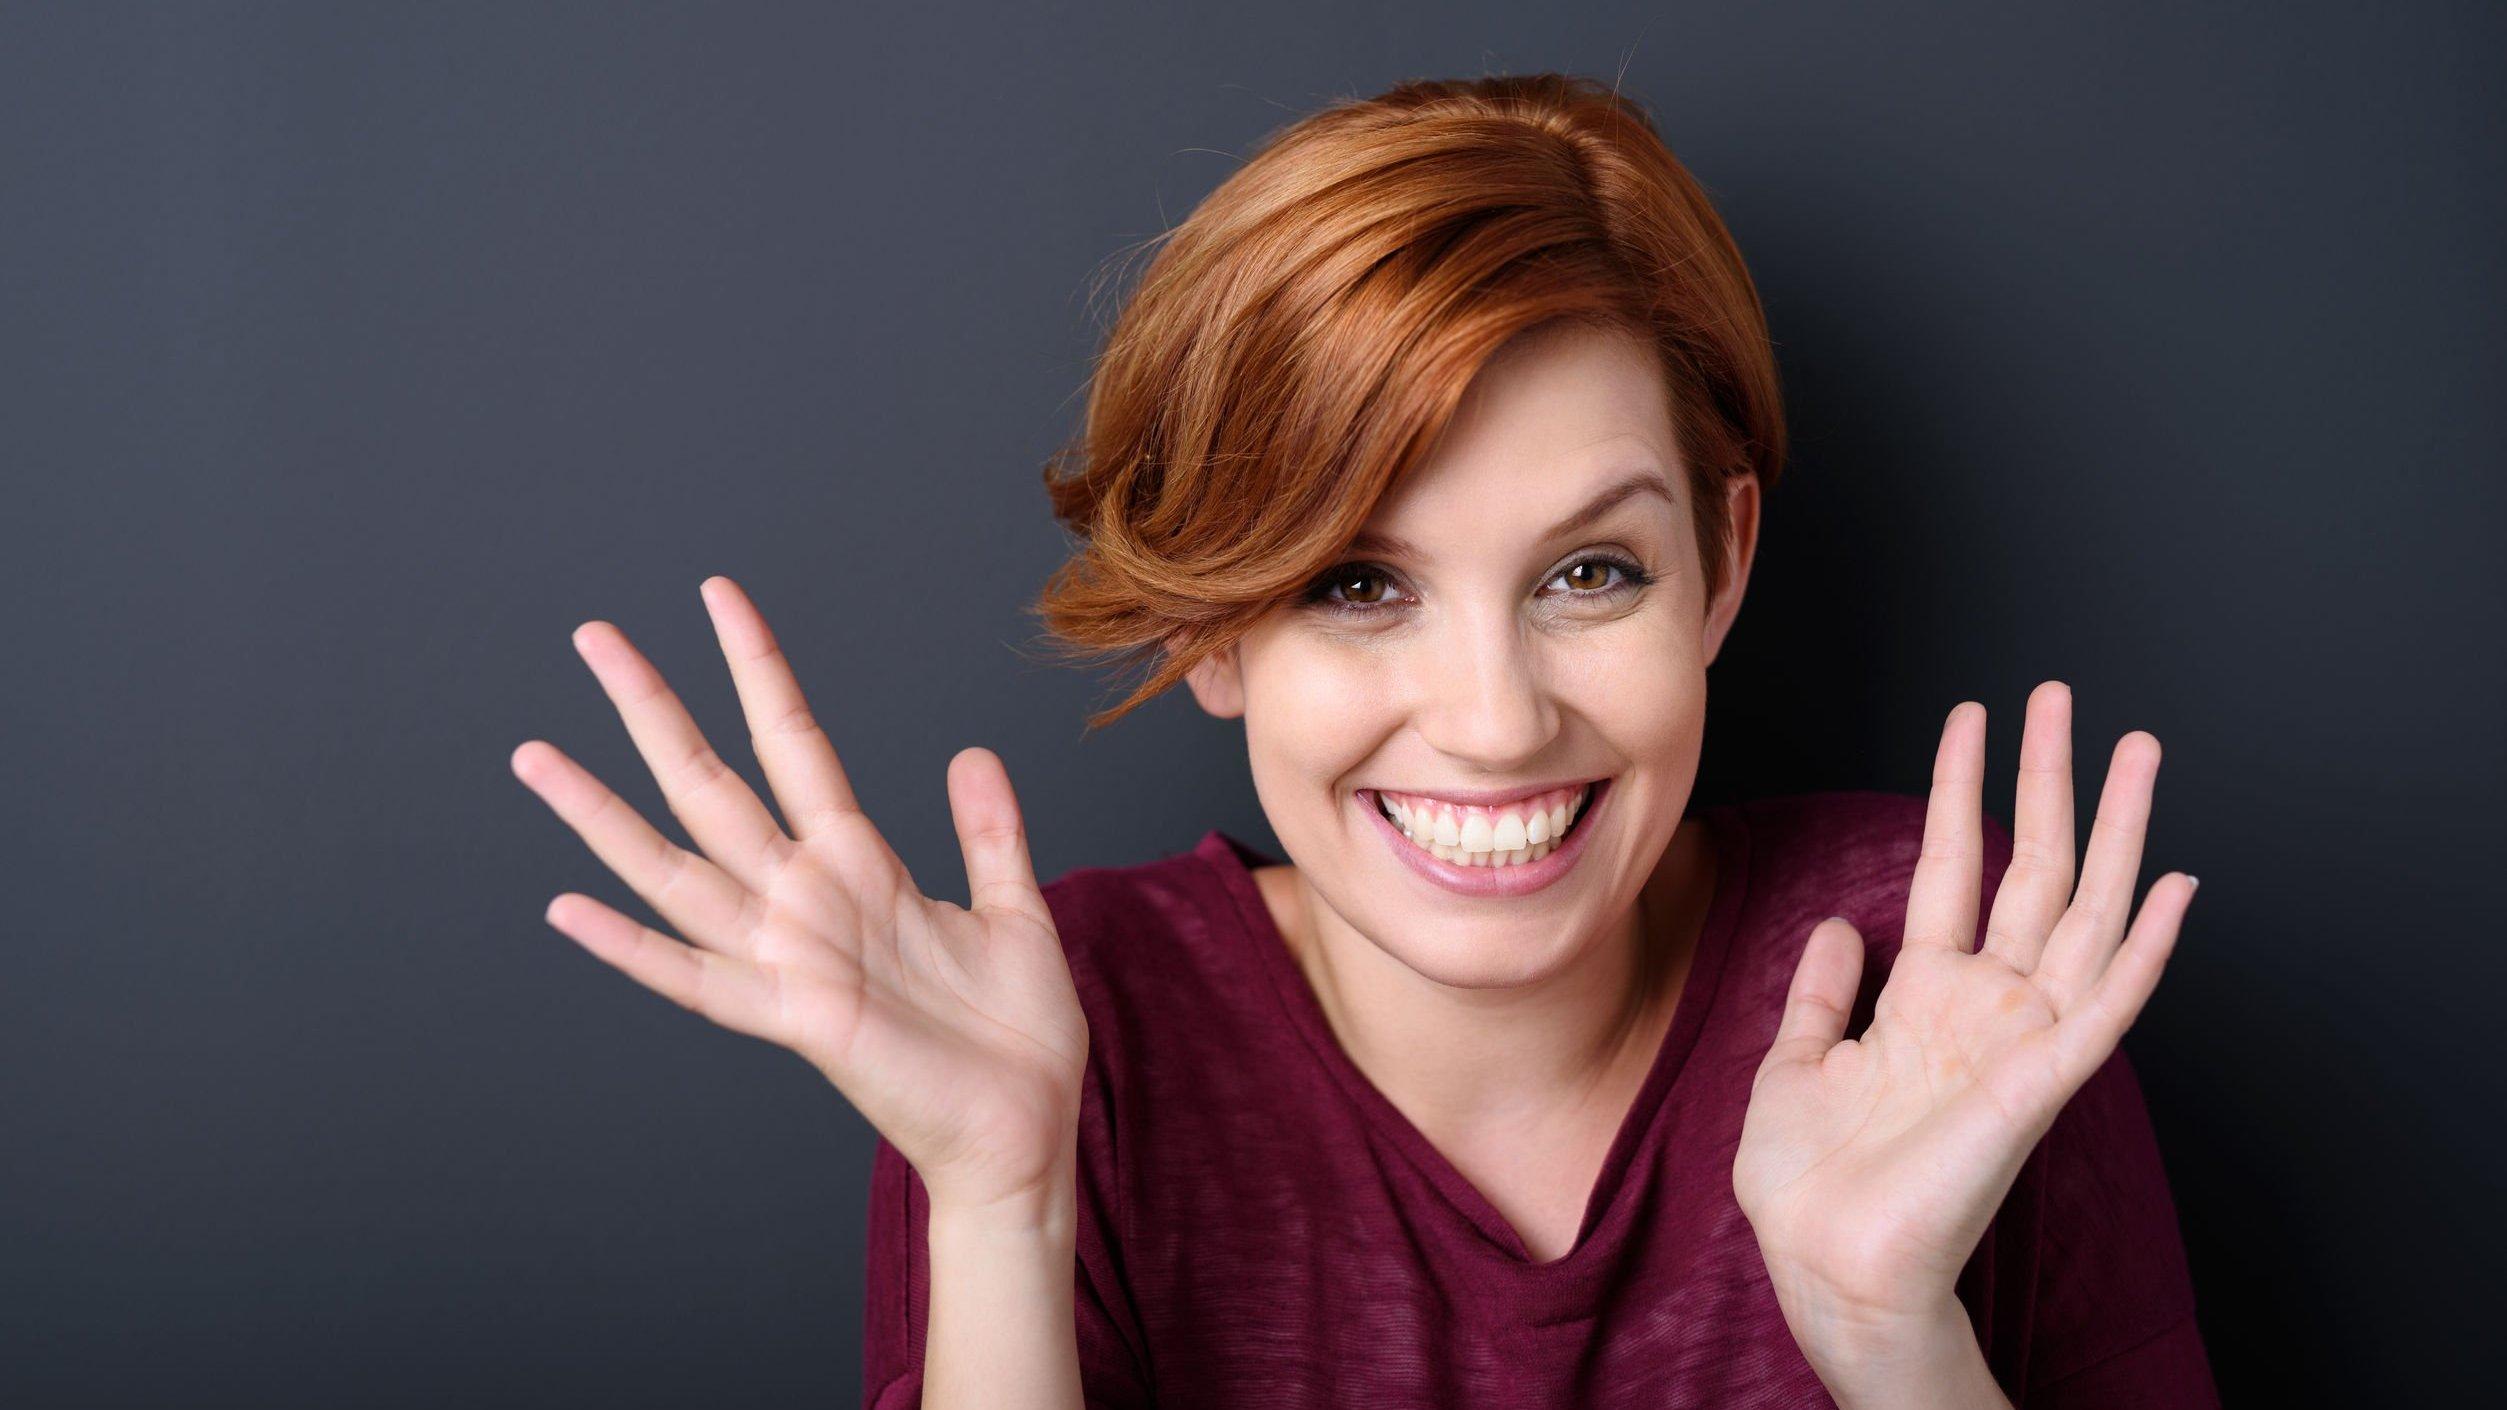 Mulher sorrindo com as mãos abertas em direção ao rosto